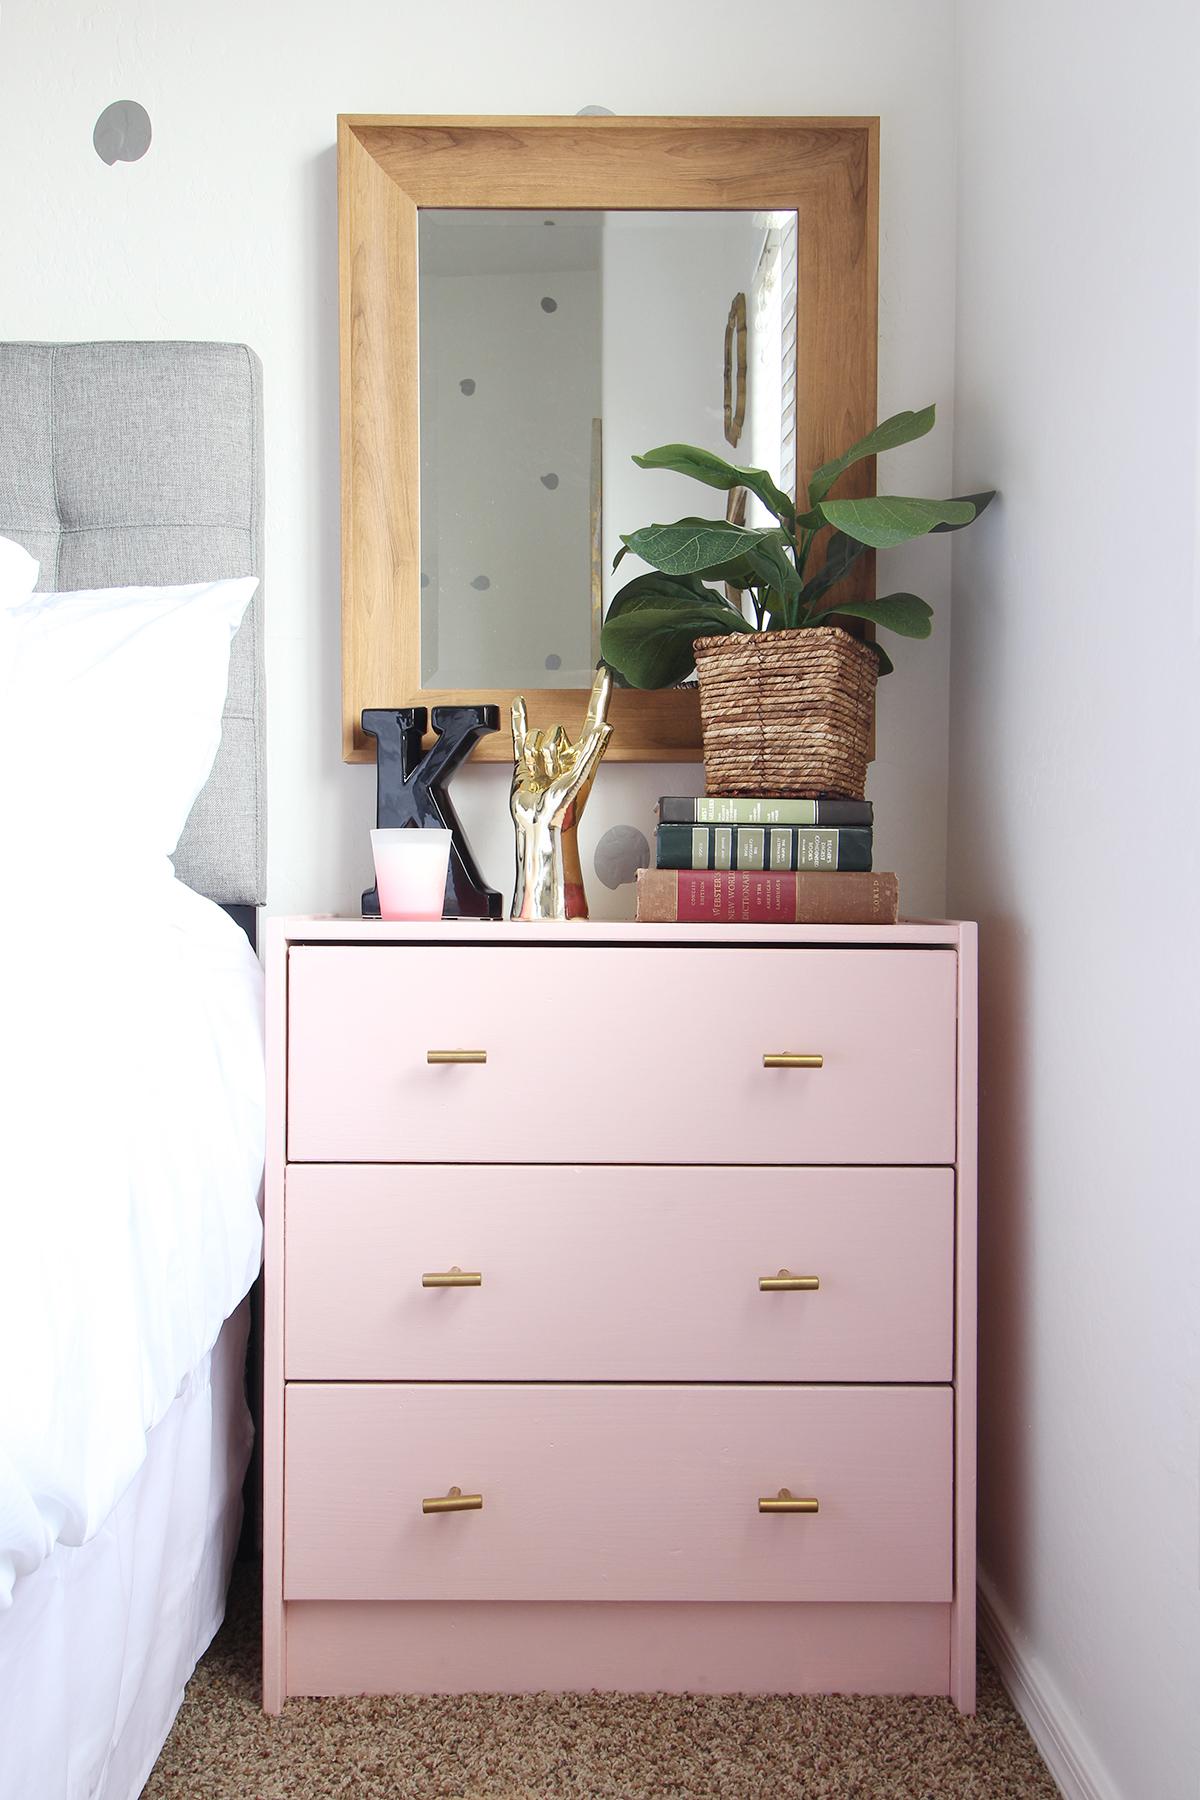 Surprise teen girl 39 s bedroom makeover classy clutter - Girls bedroom renovation ideas ...